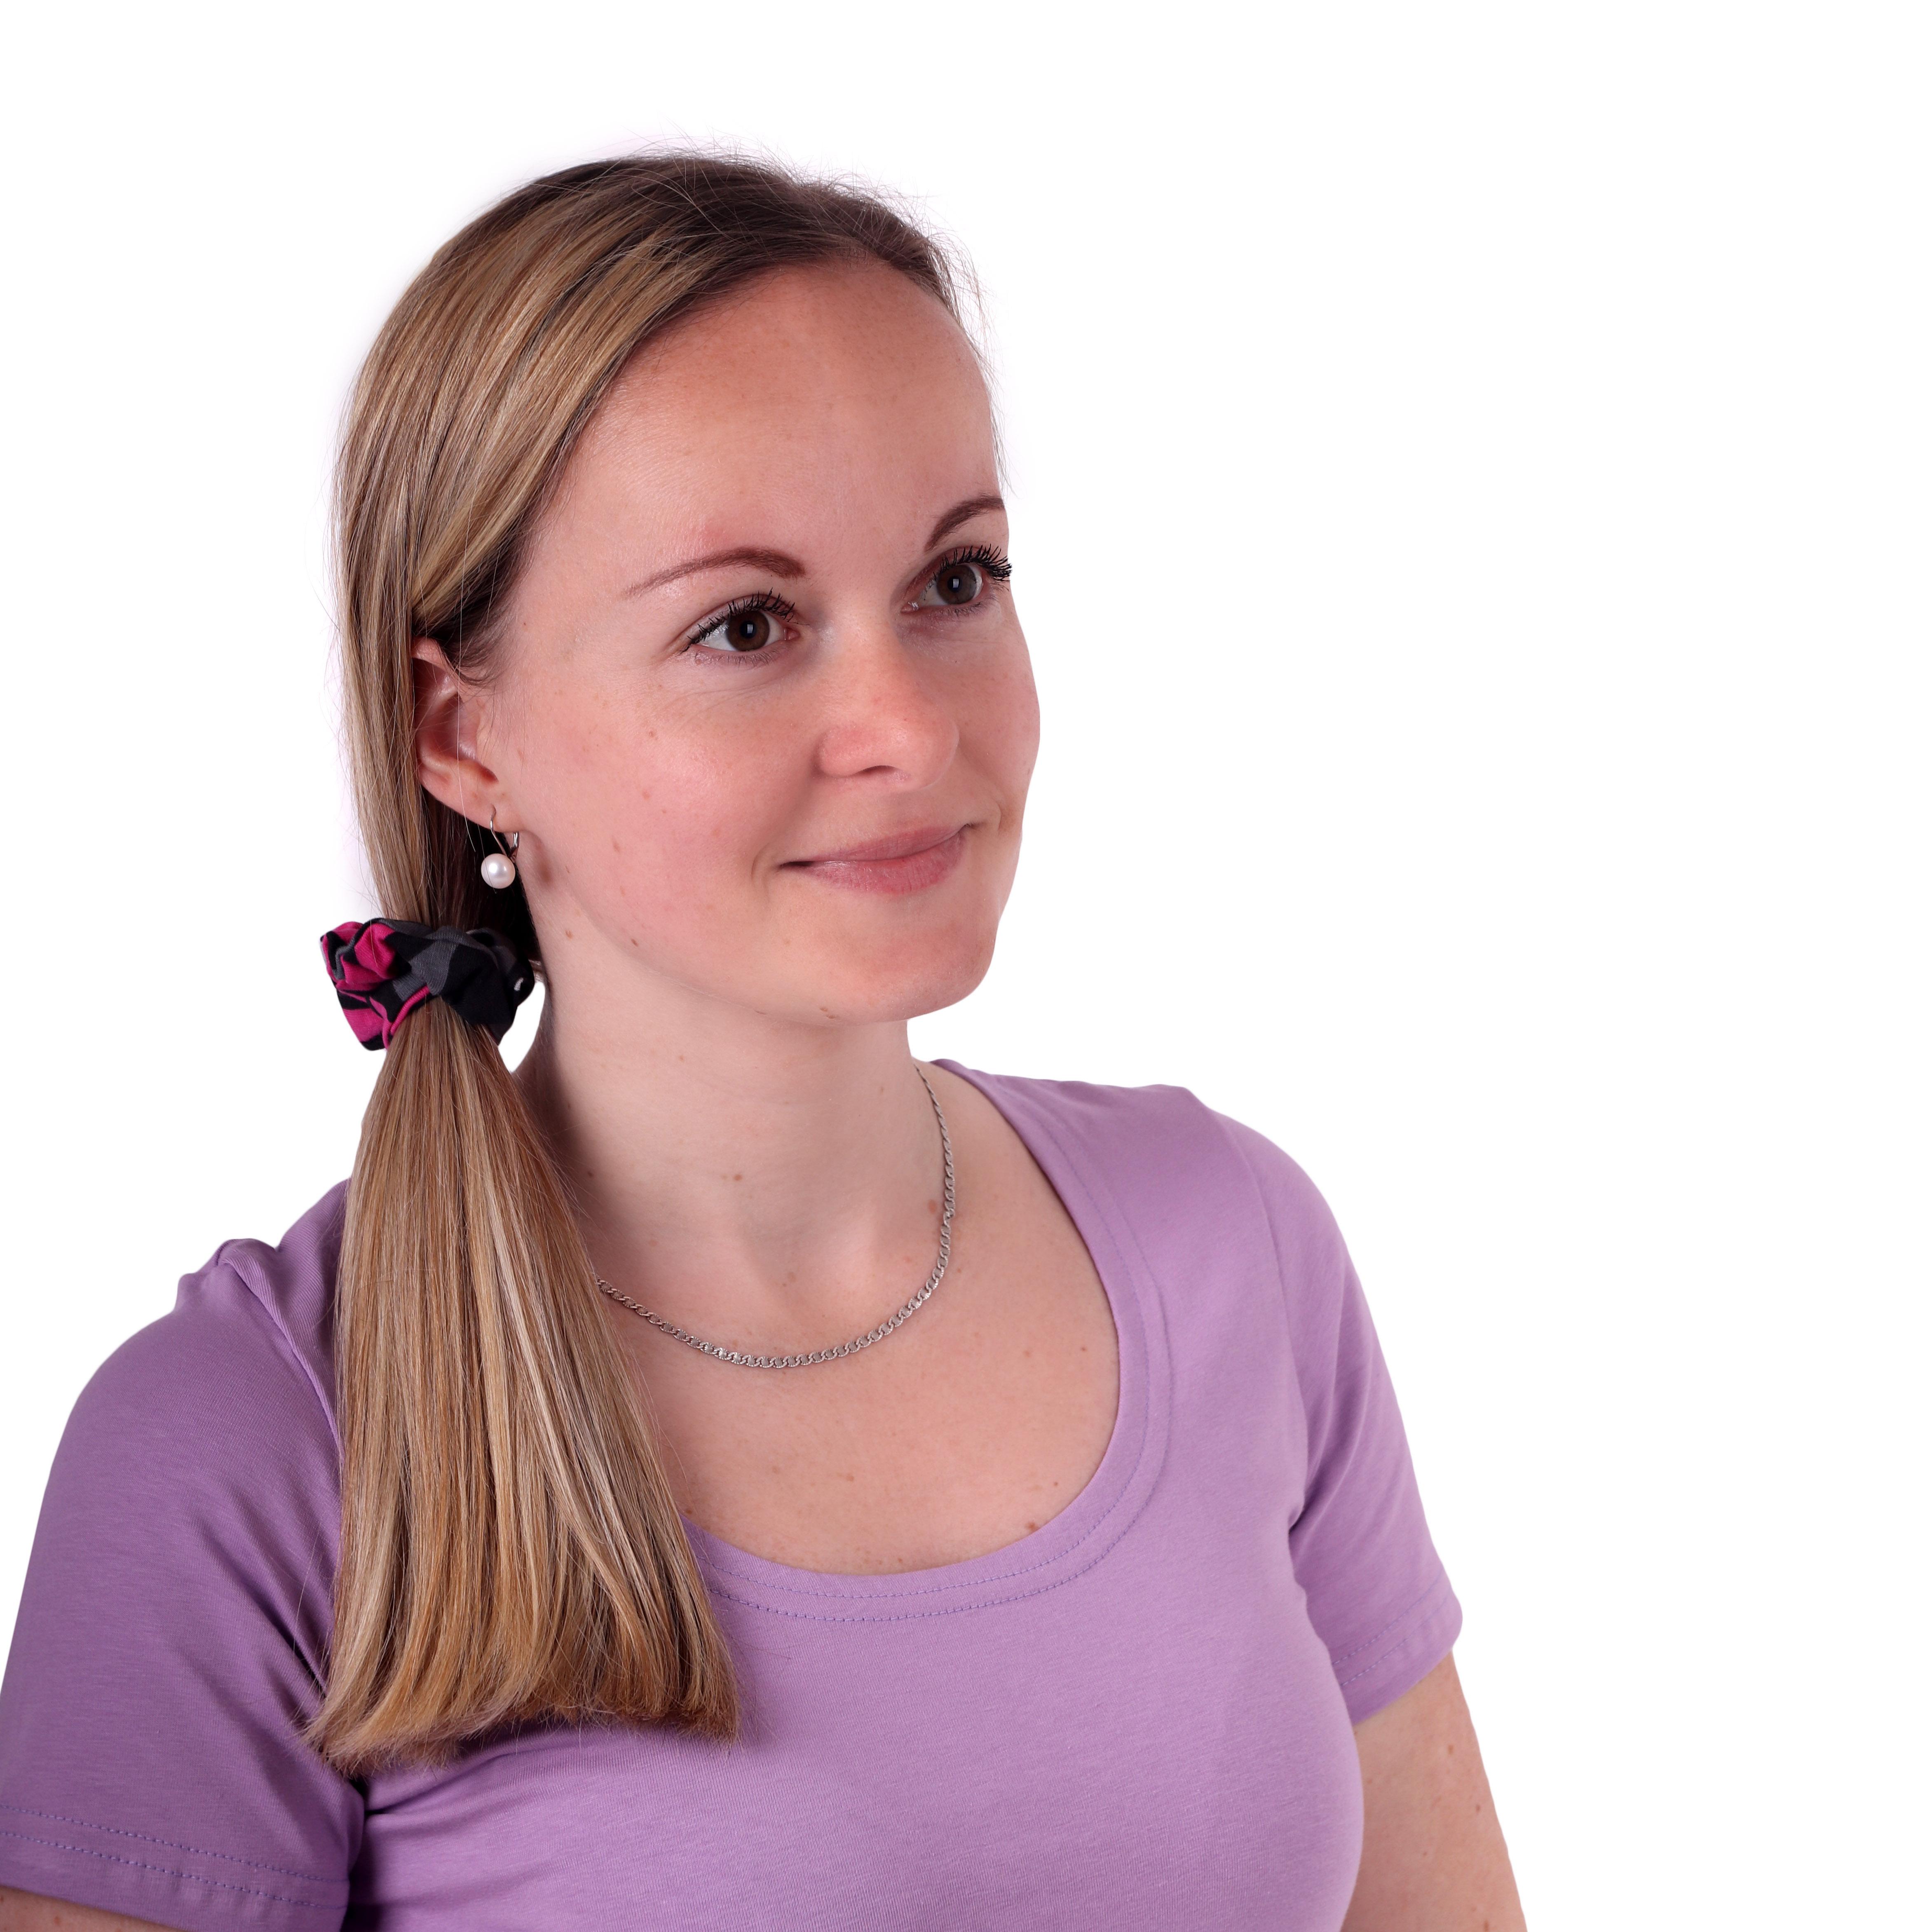 Látková gumička do vlasů, malá, vzorovaná černo-šedo-růžová